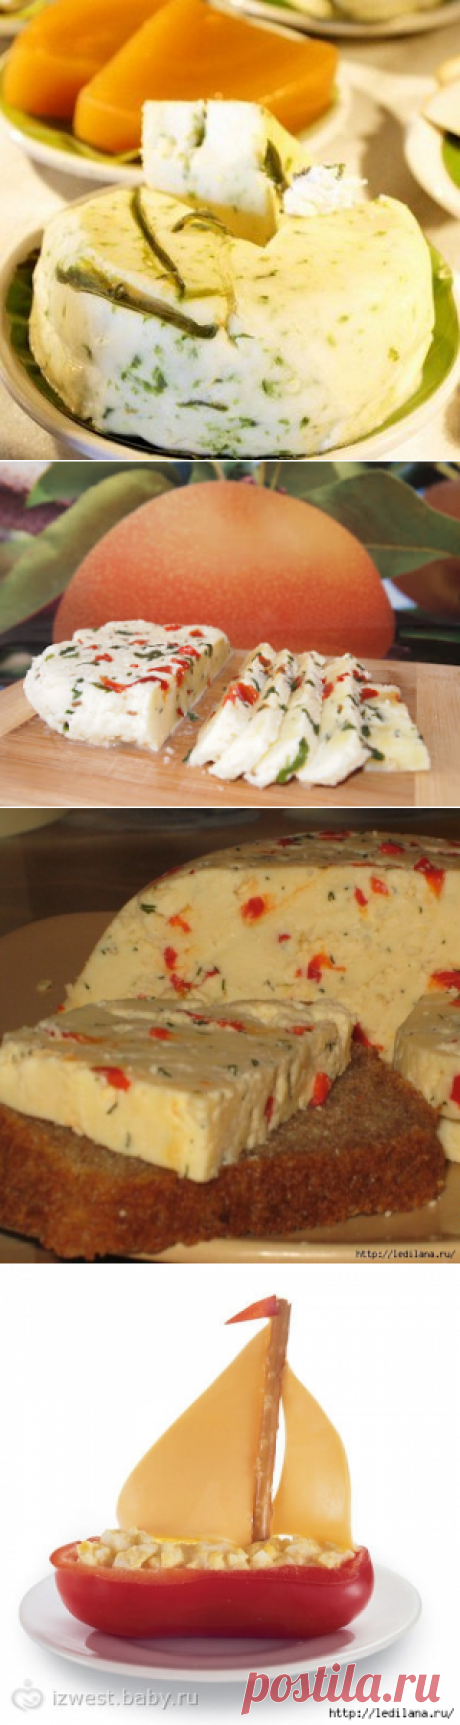 10 рецептов лучших домашних сыров